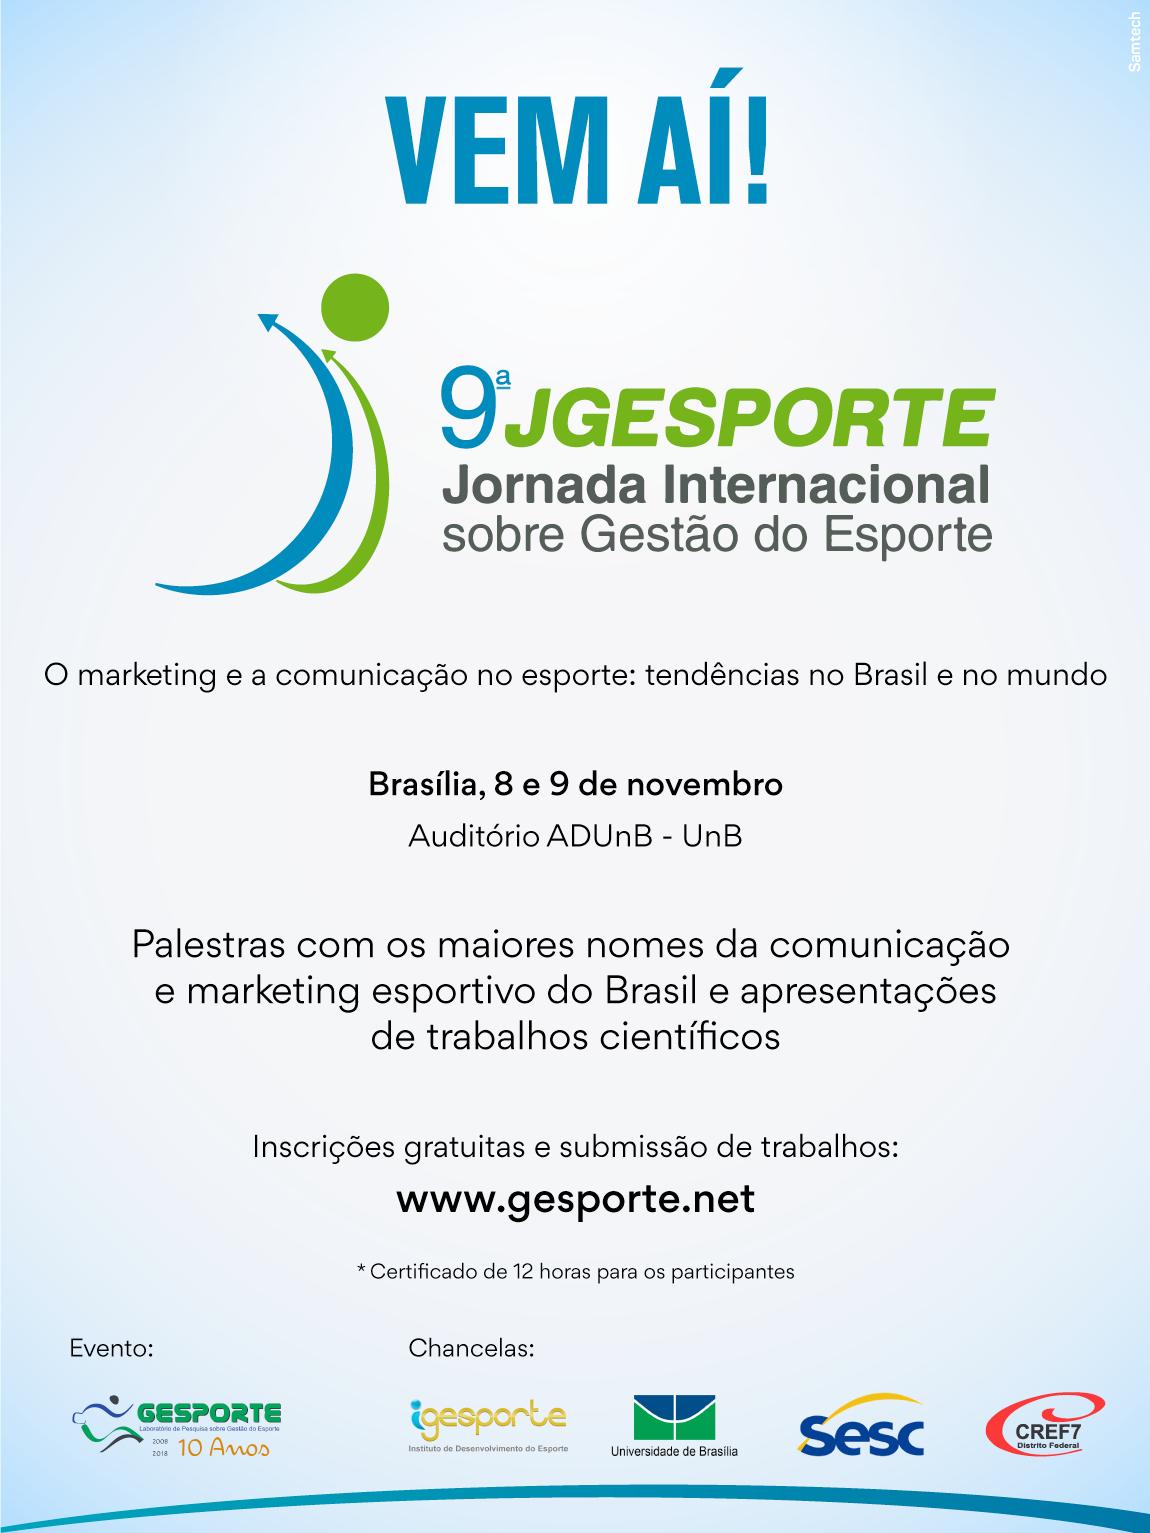 9ª Jornada Internacional sobre Gestão do Esporte - 9ª JGESPORTE